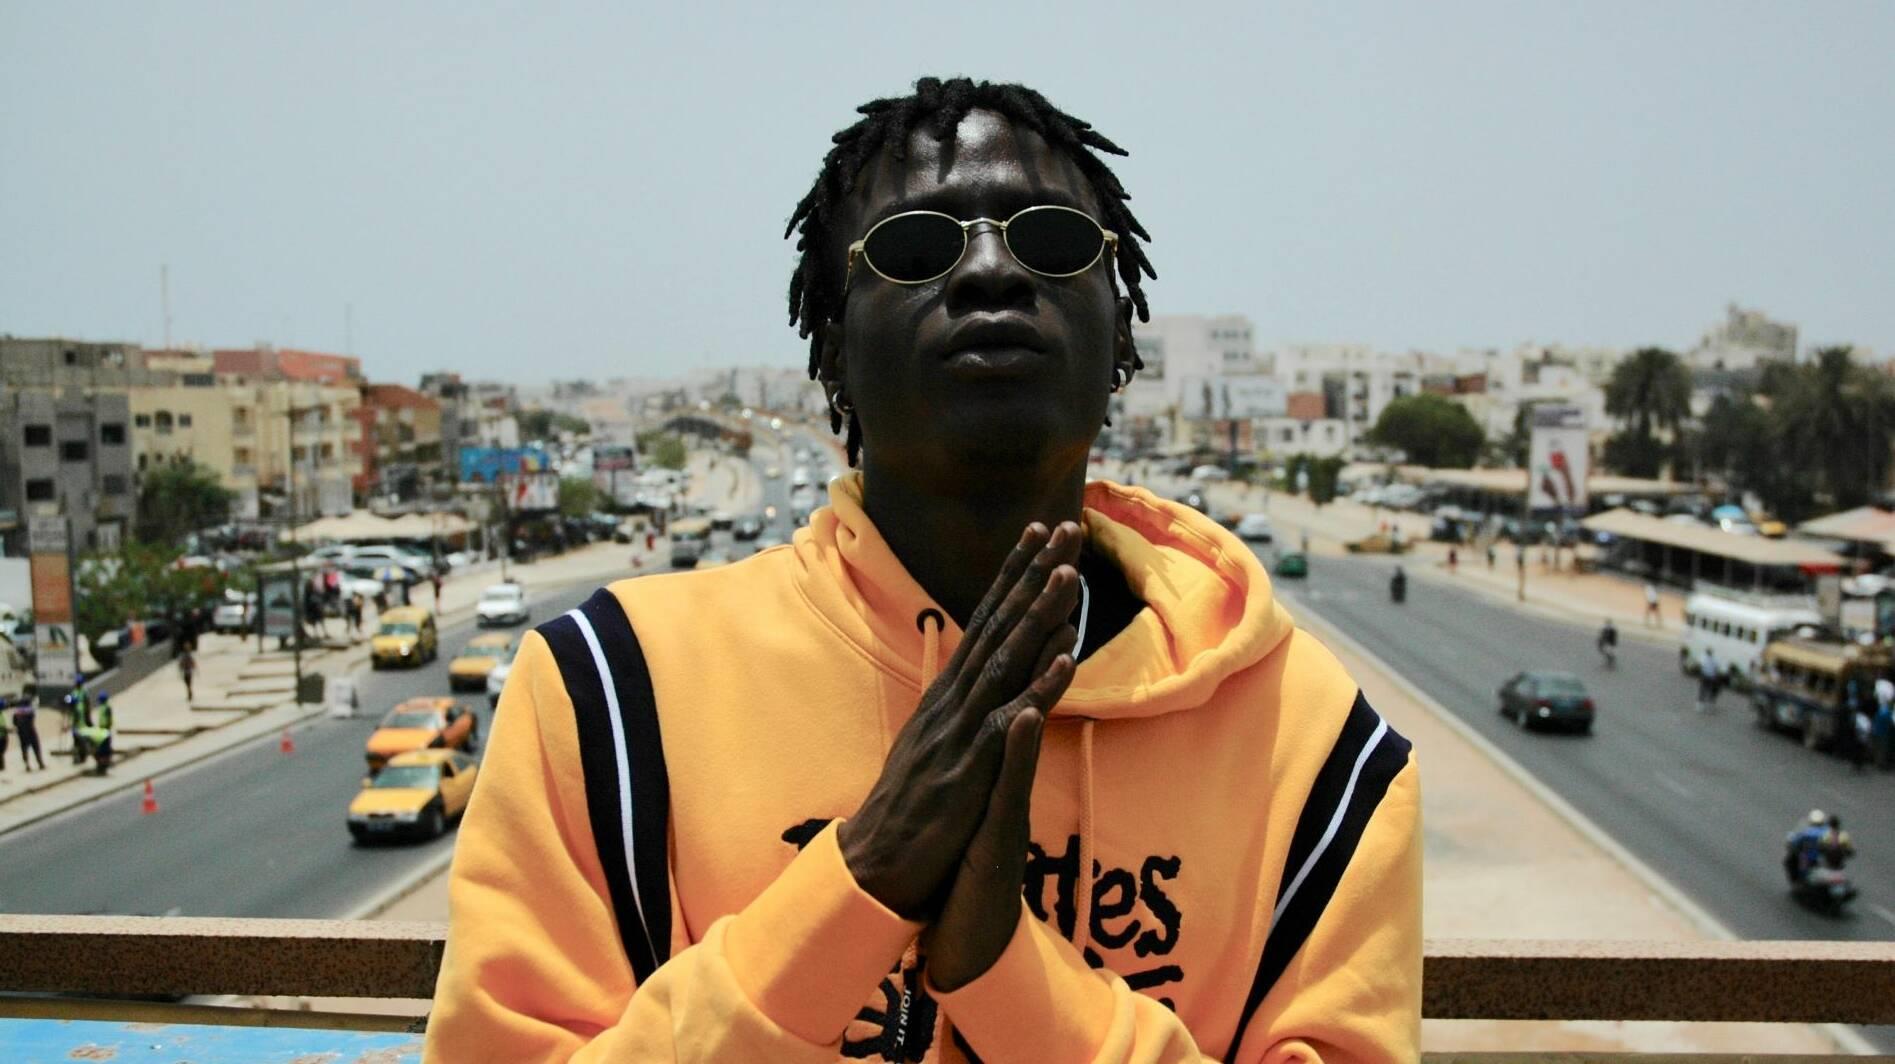 Dopeboy DMG, étoile montante du rap sénégalais